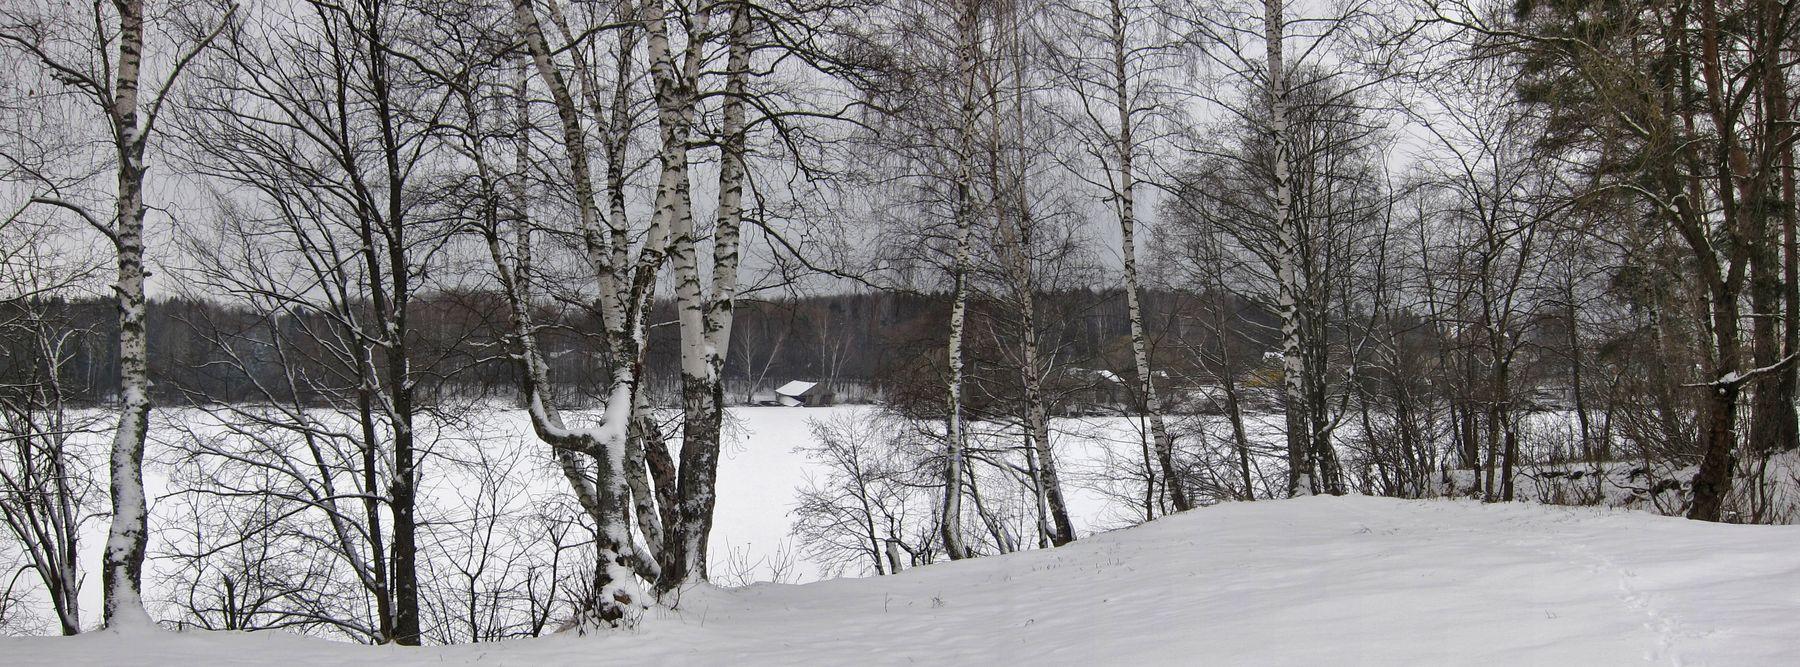 Зима в Тишково. Зима